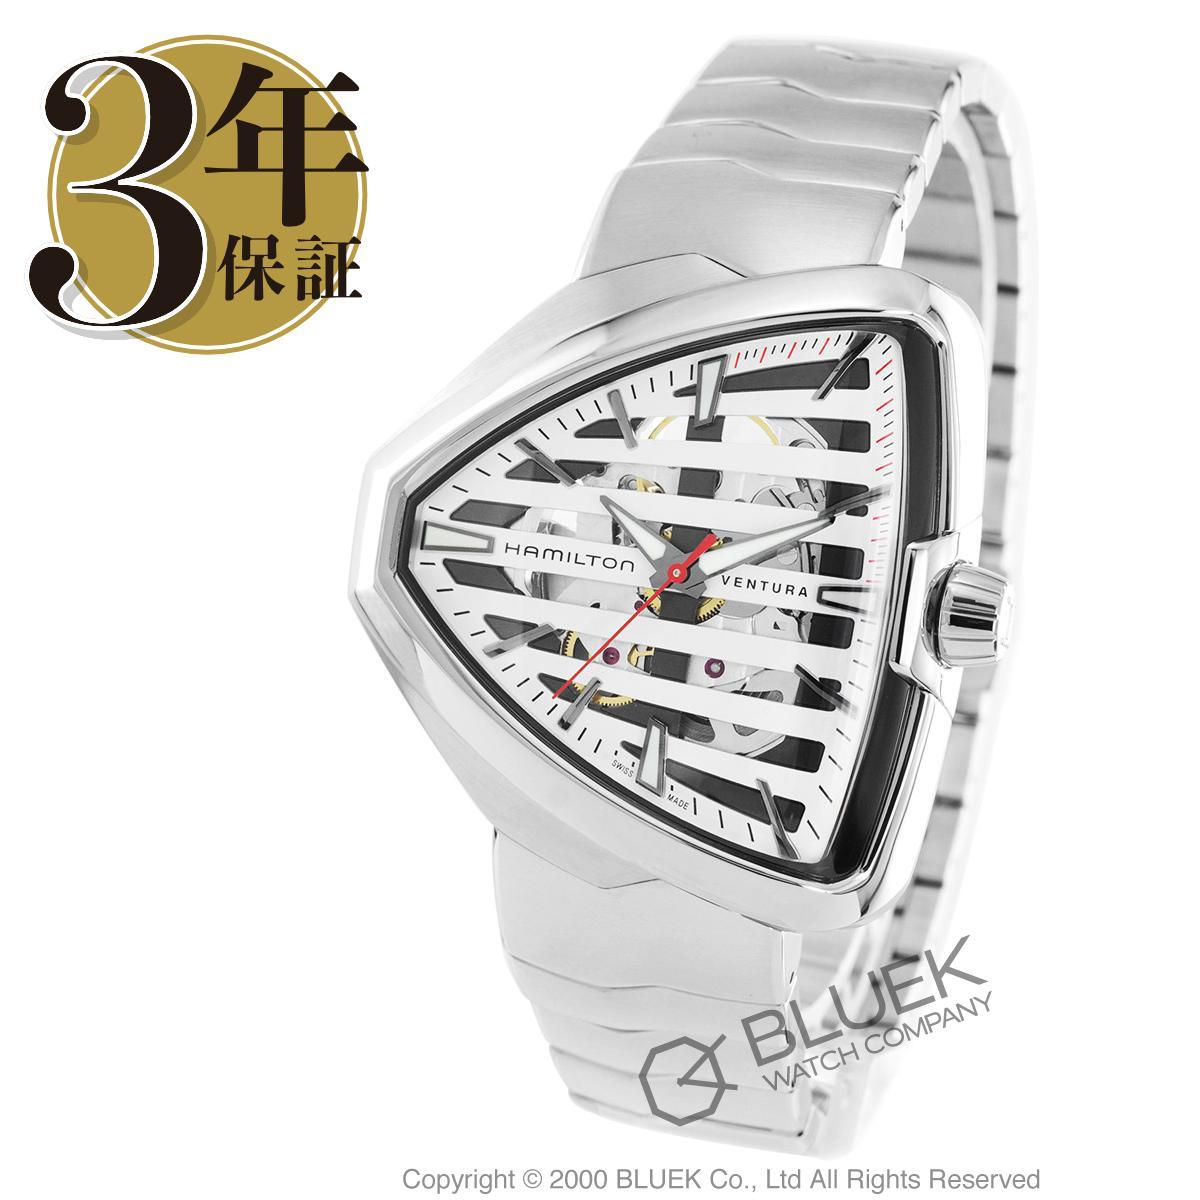 ハミルトン ベンチュラ エルヴィス80 スケルトン 腕時計 メンズ HAMILTON H24555181_8 バーゲン 成人祝い ギフト プレゼント